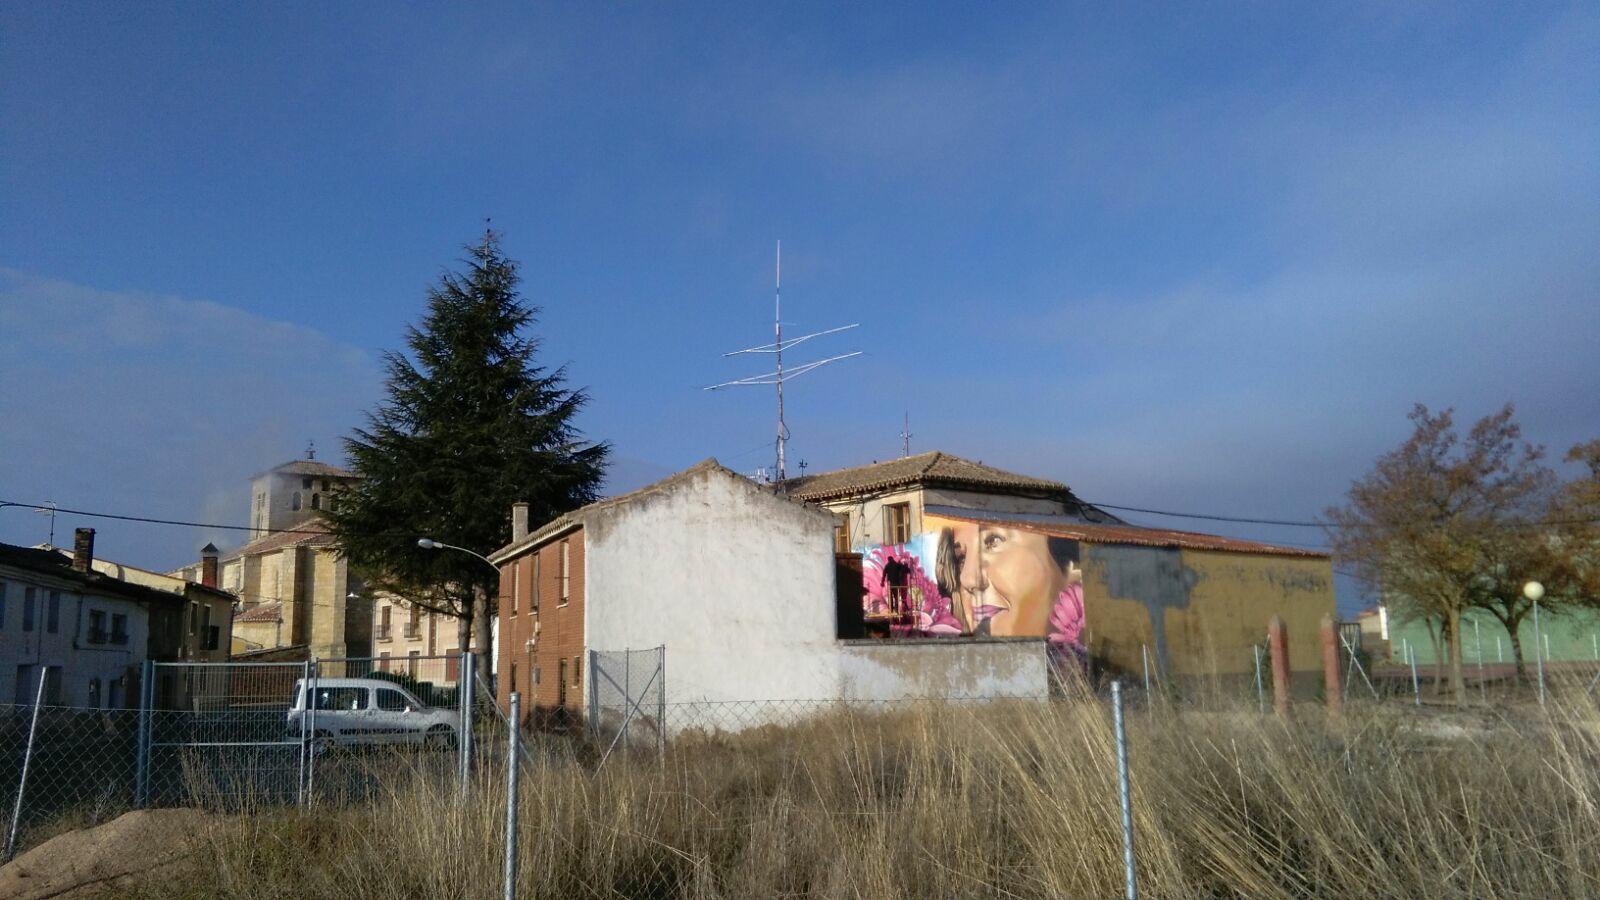 fachada edificio mural graffiti palencia piña de campos